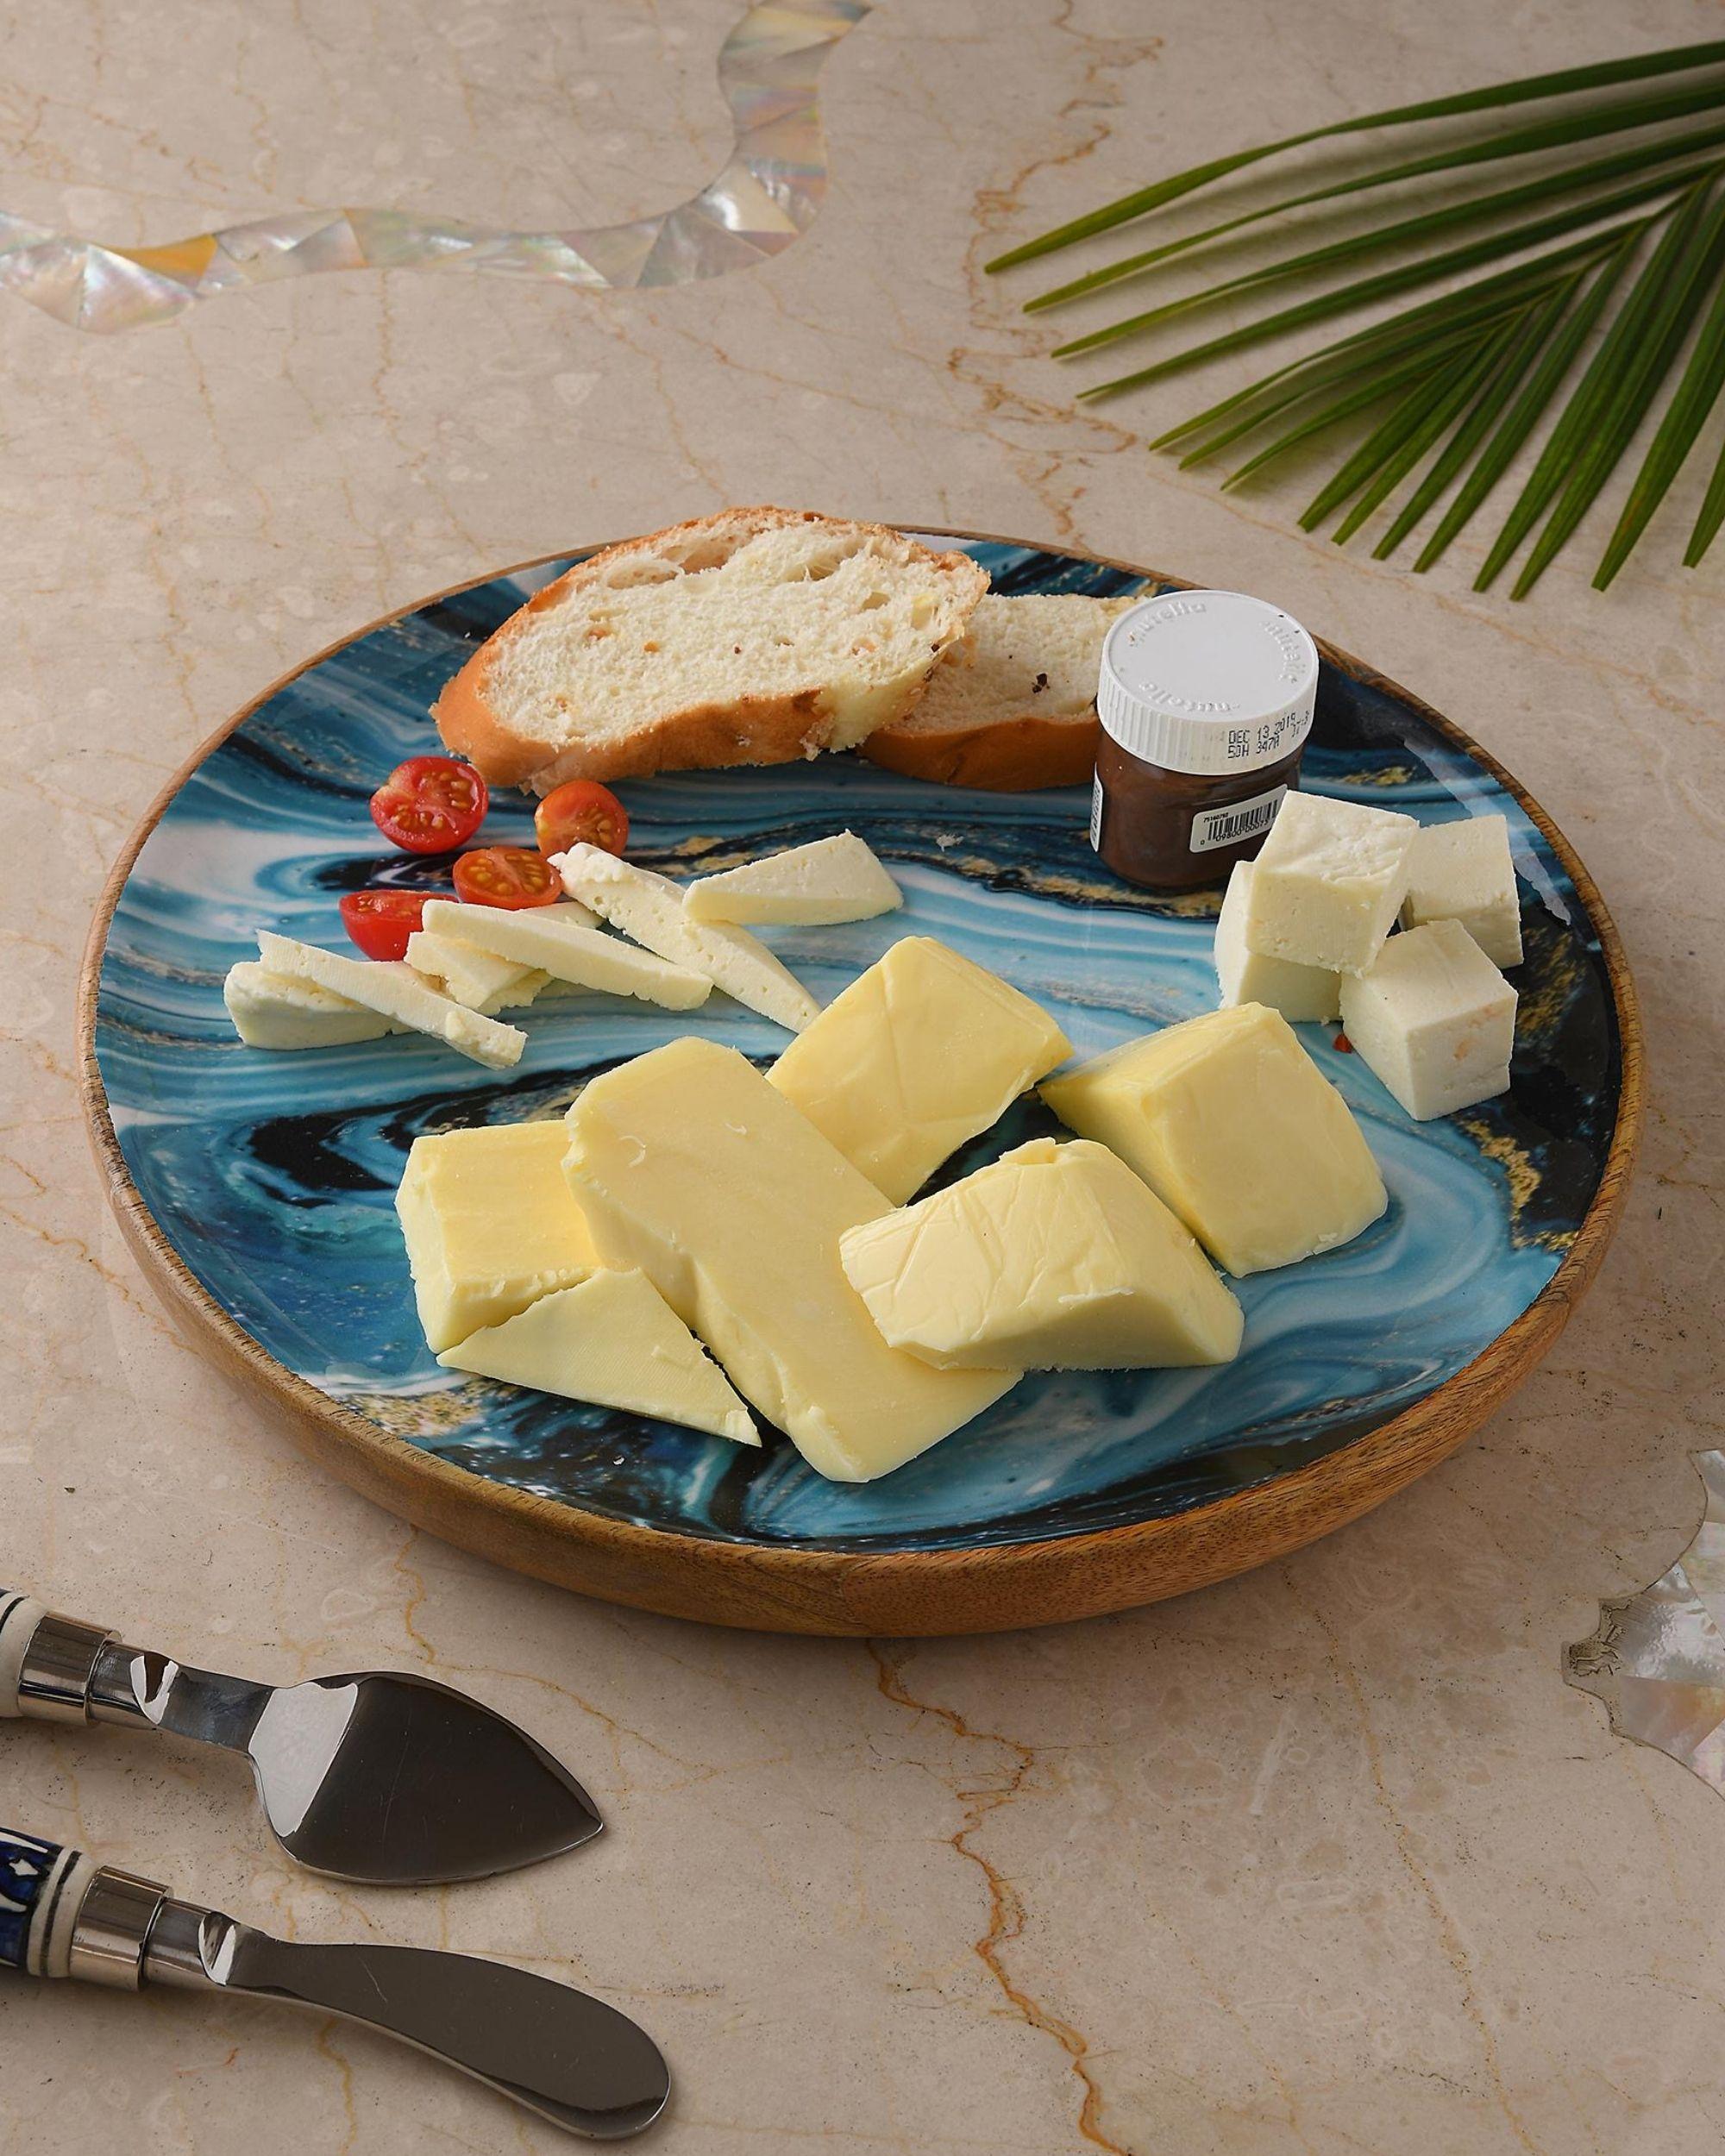 Shades of blue wave mango wood circular platter